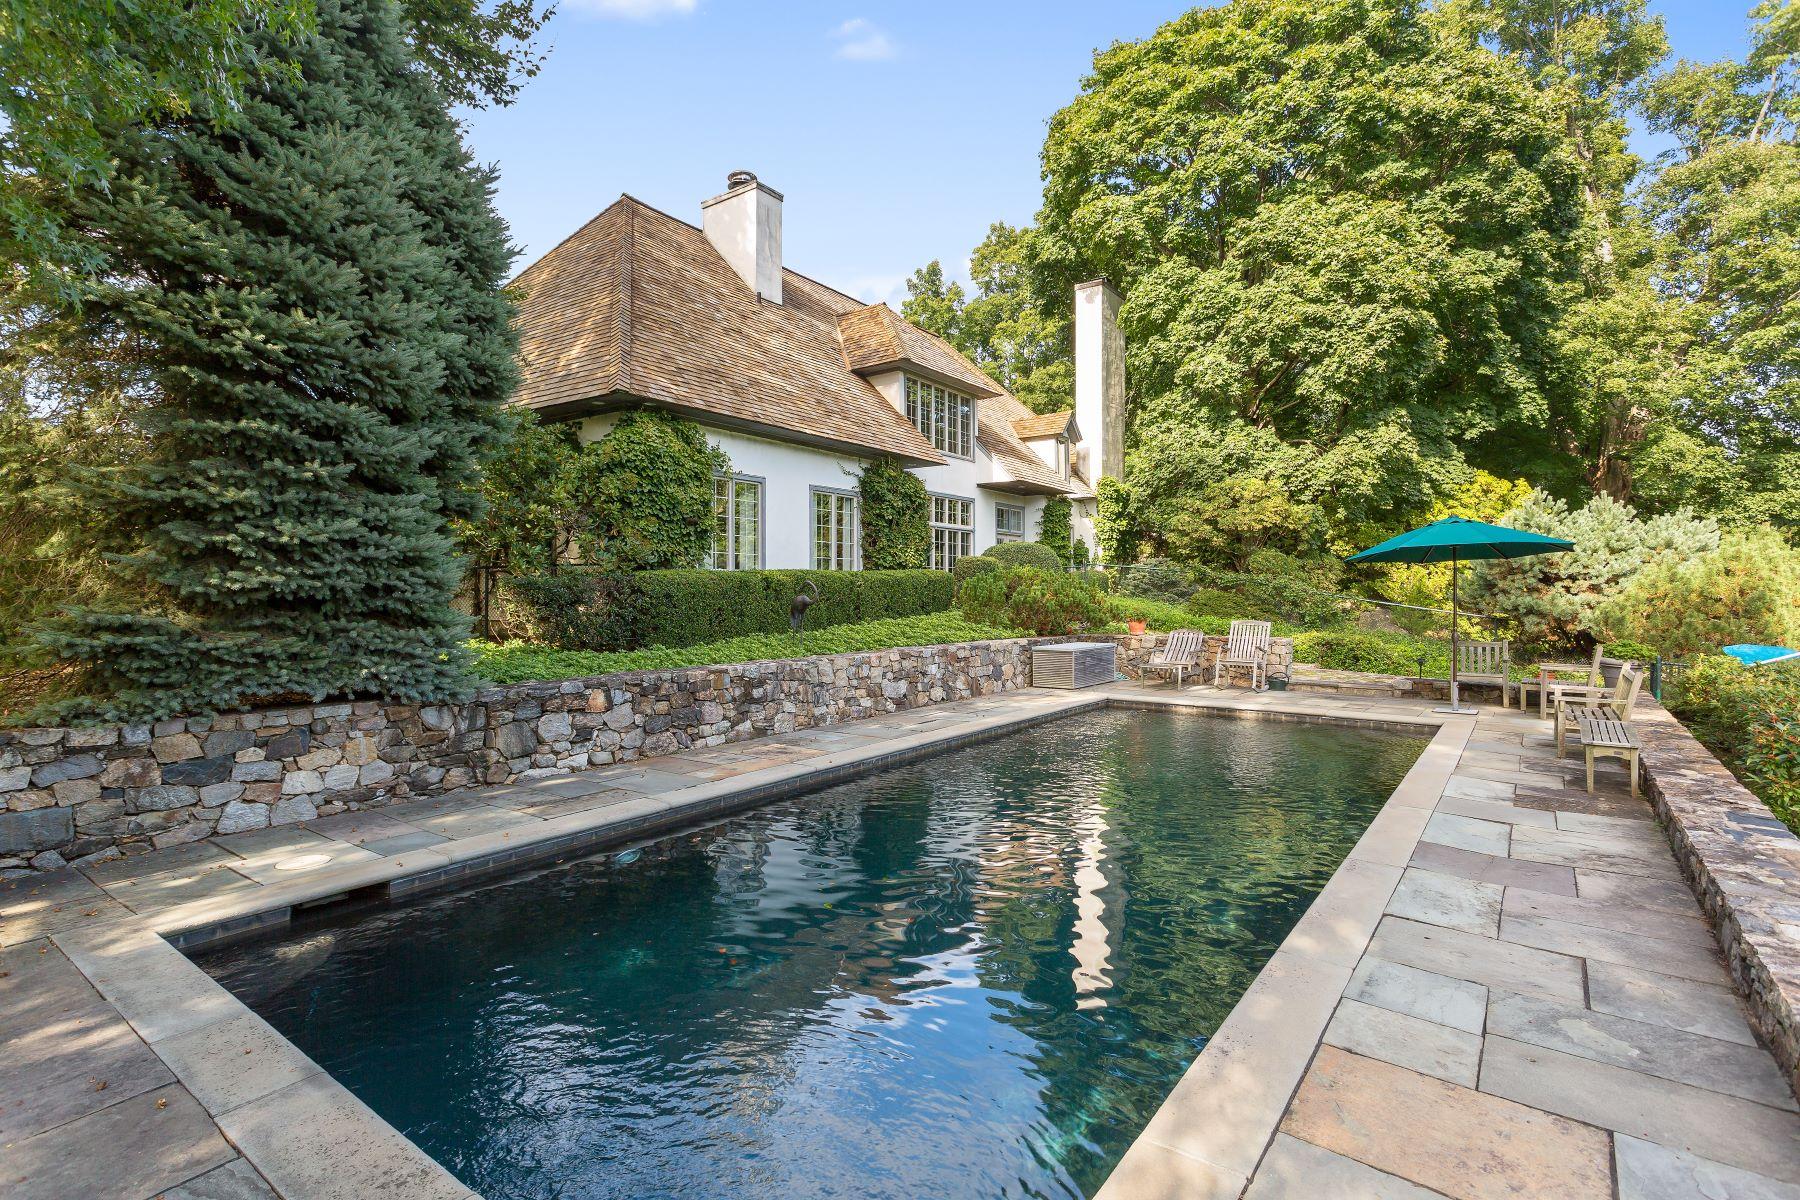 Частный односемейный дом для того Продажа на French Country House 77 Beachside Avenue Westport, Коннектикут 06880 Соединенные Штаты